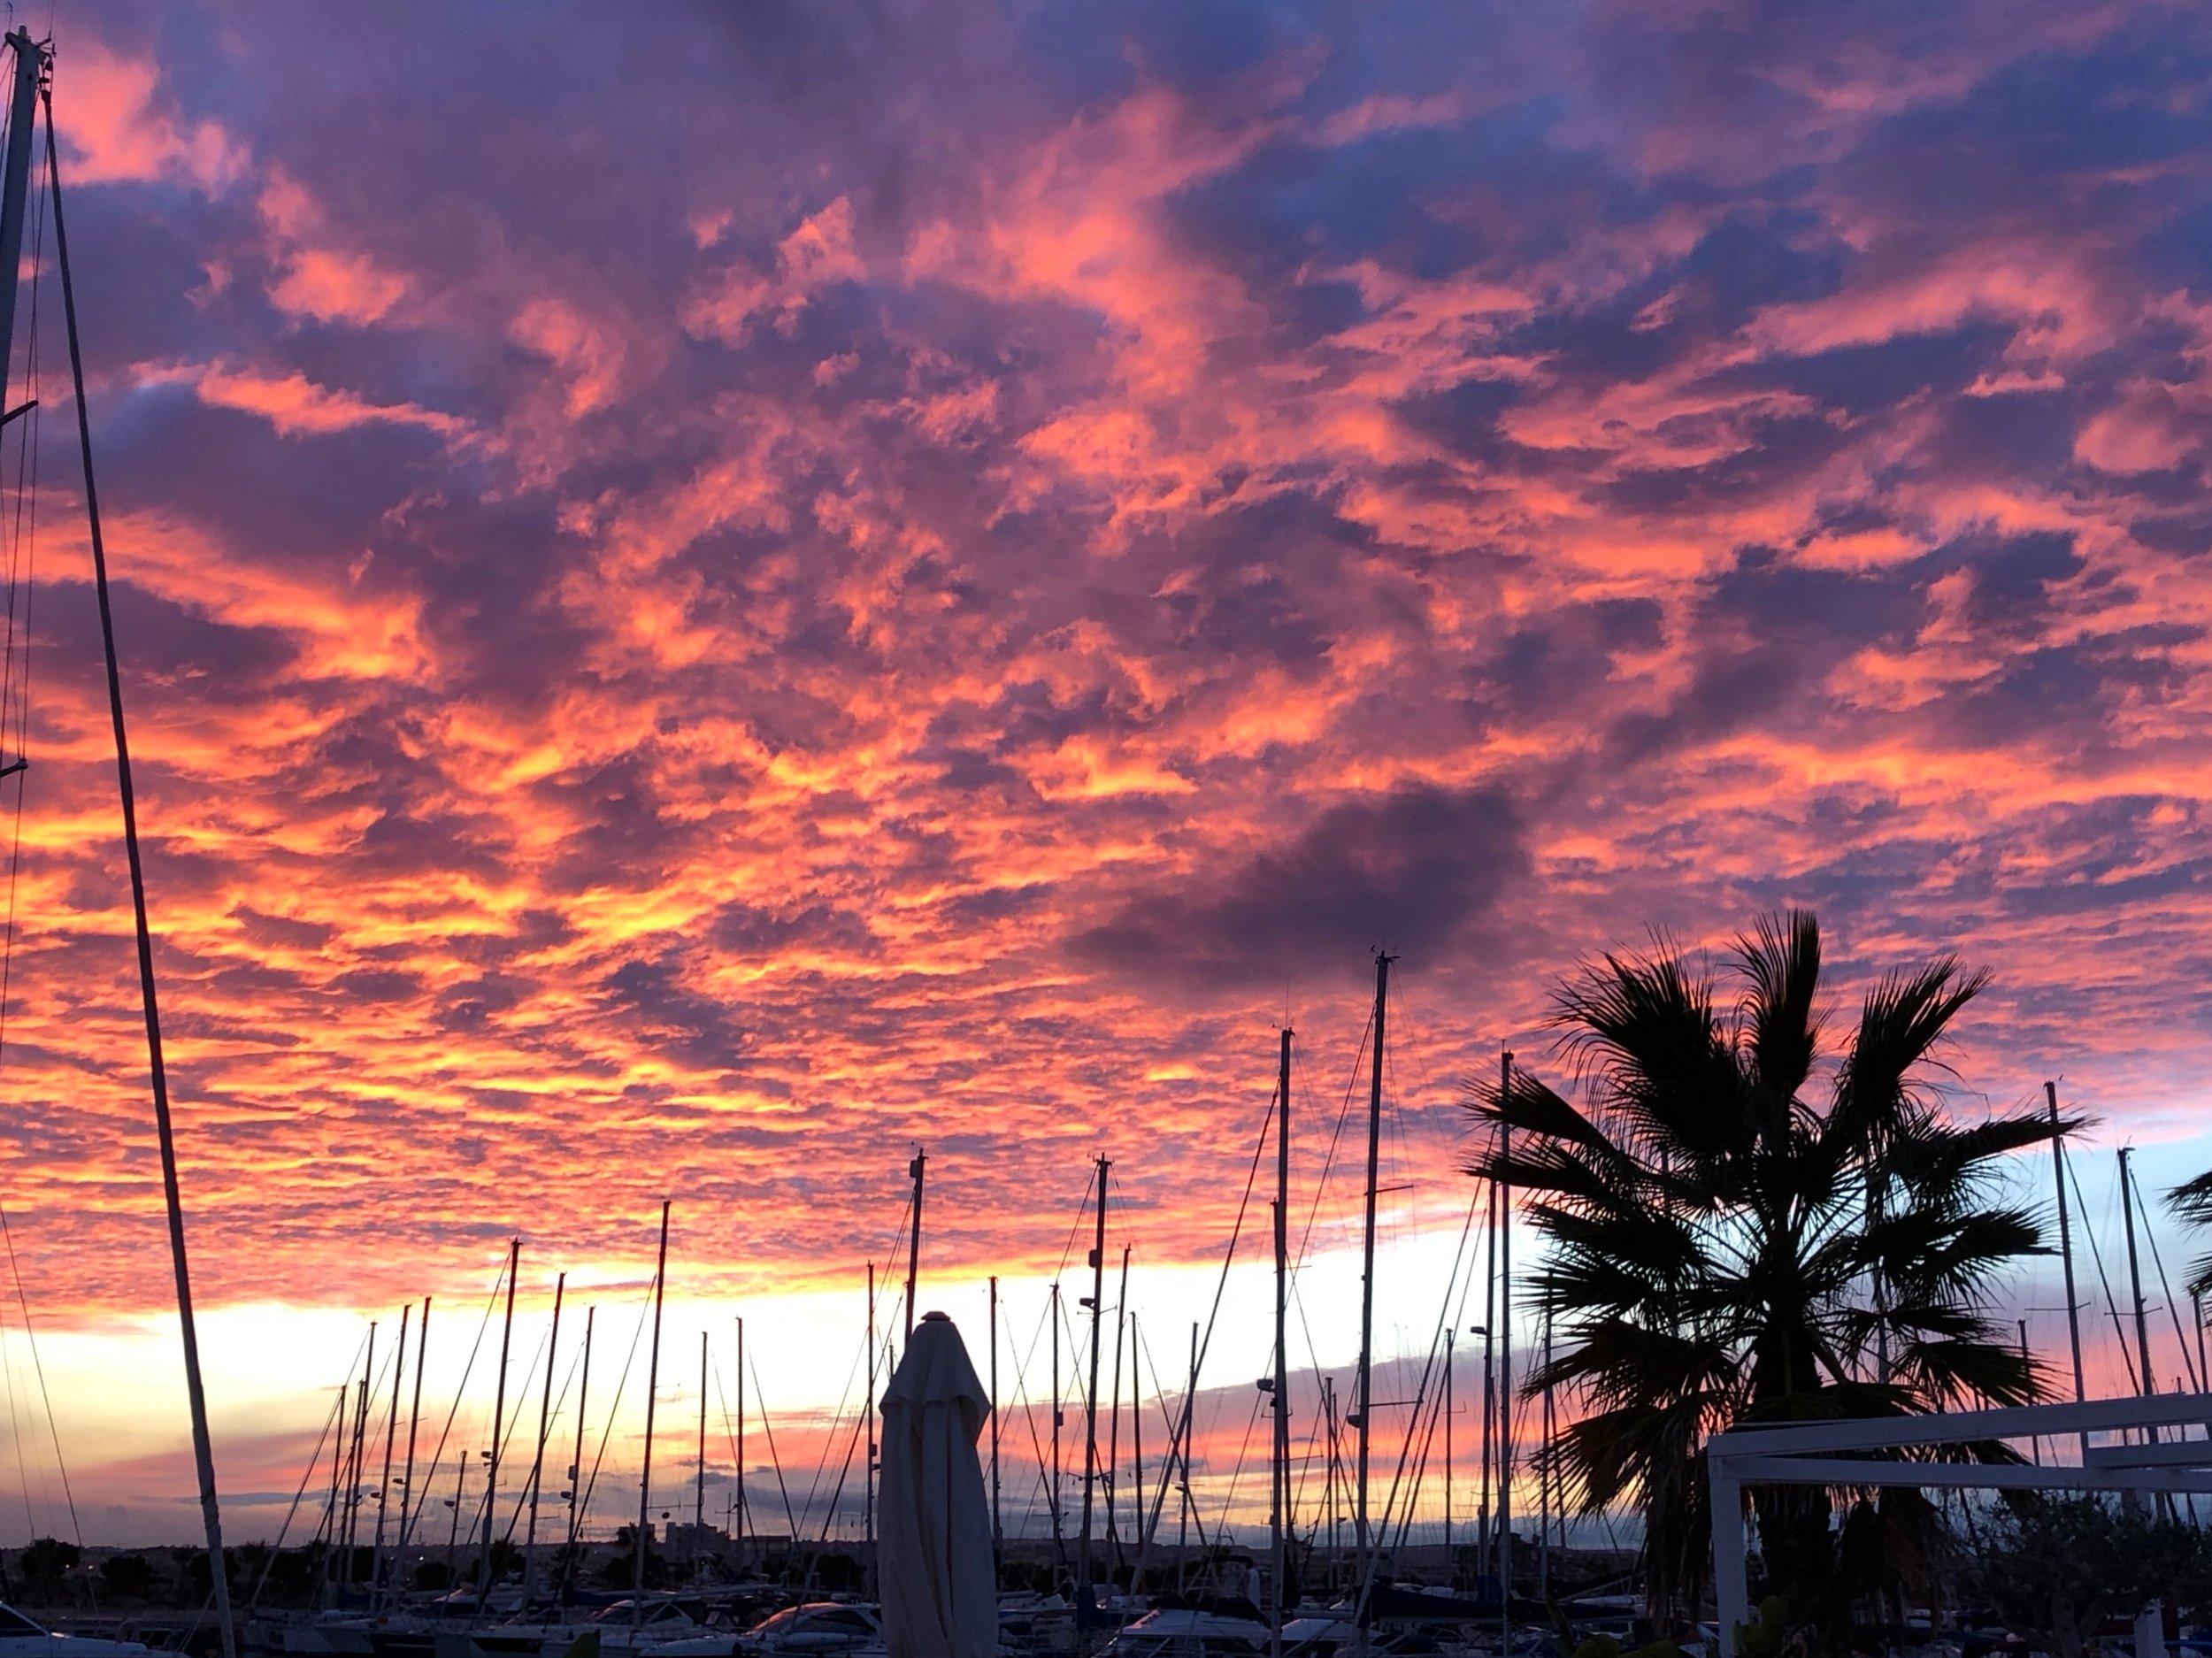 sunset_Fotor.jpg